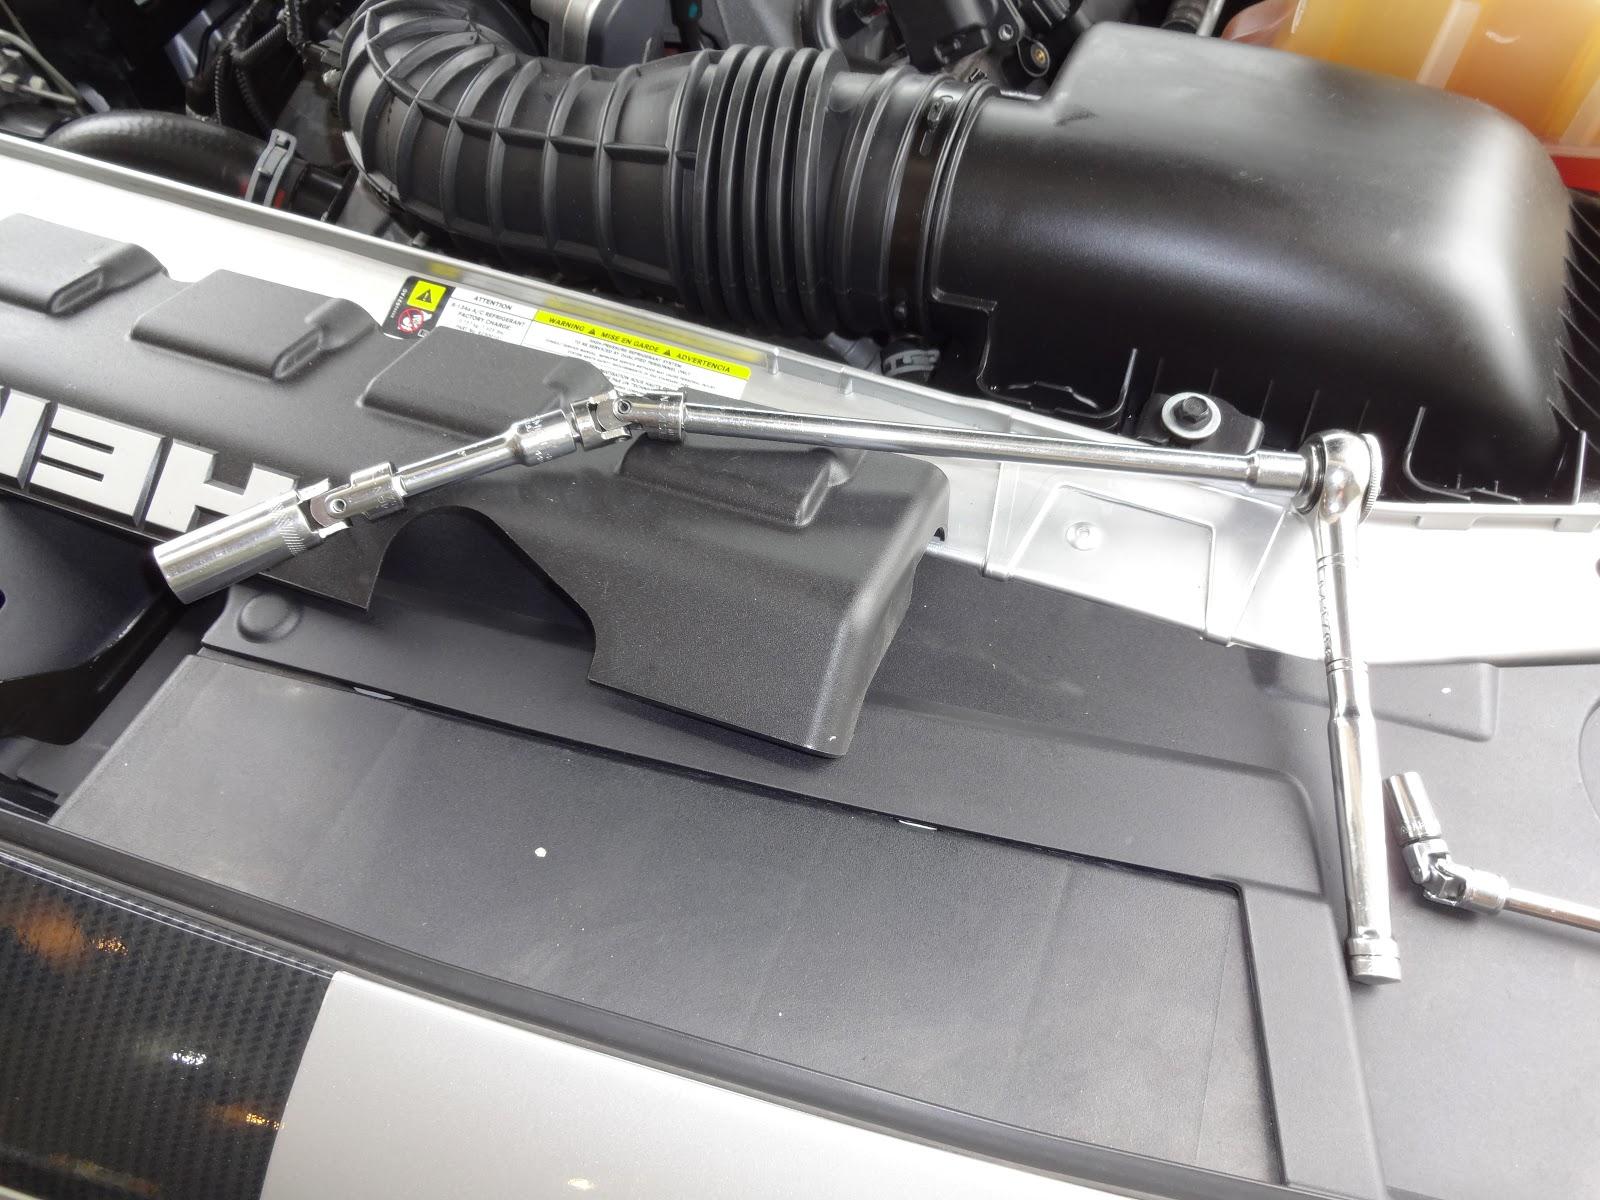 2007 dodge charger spark plug gap